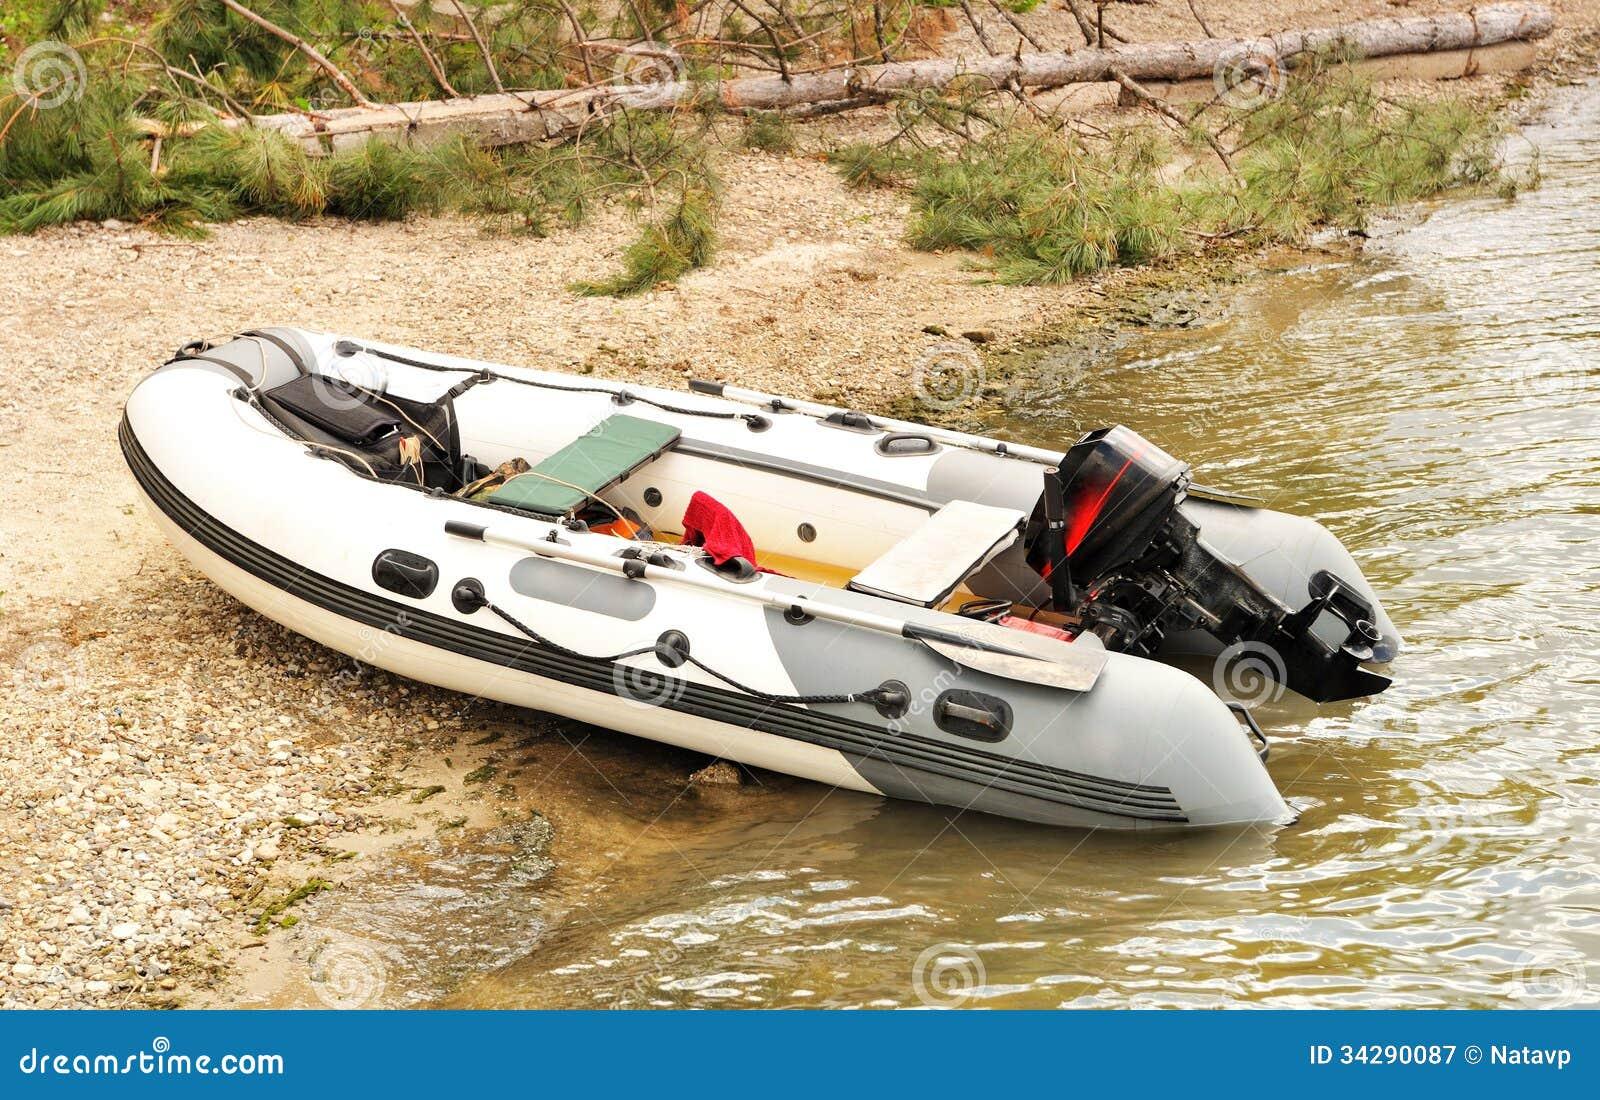 лодки надувные с мотором новые